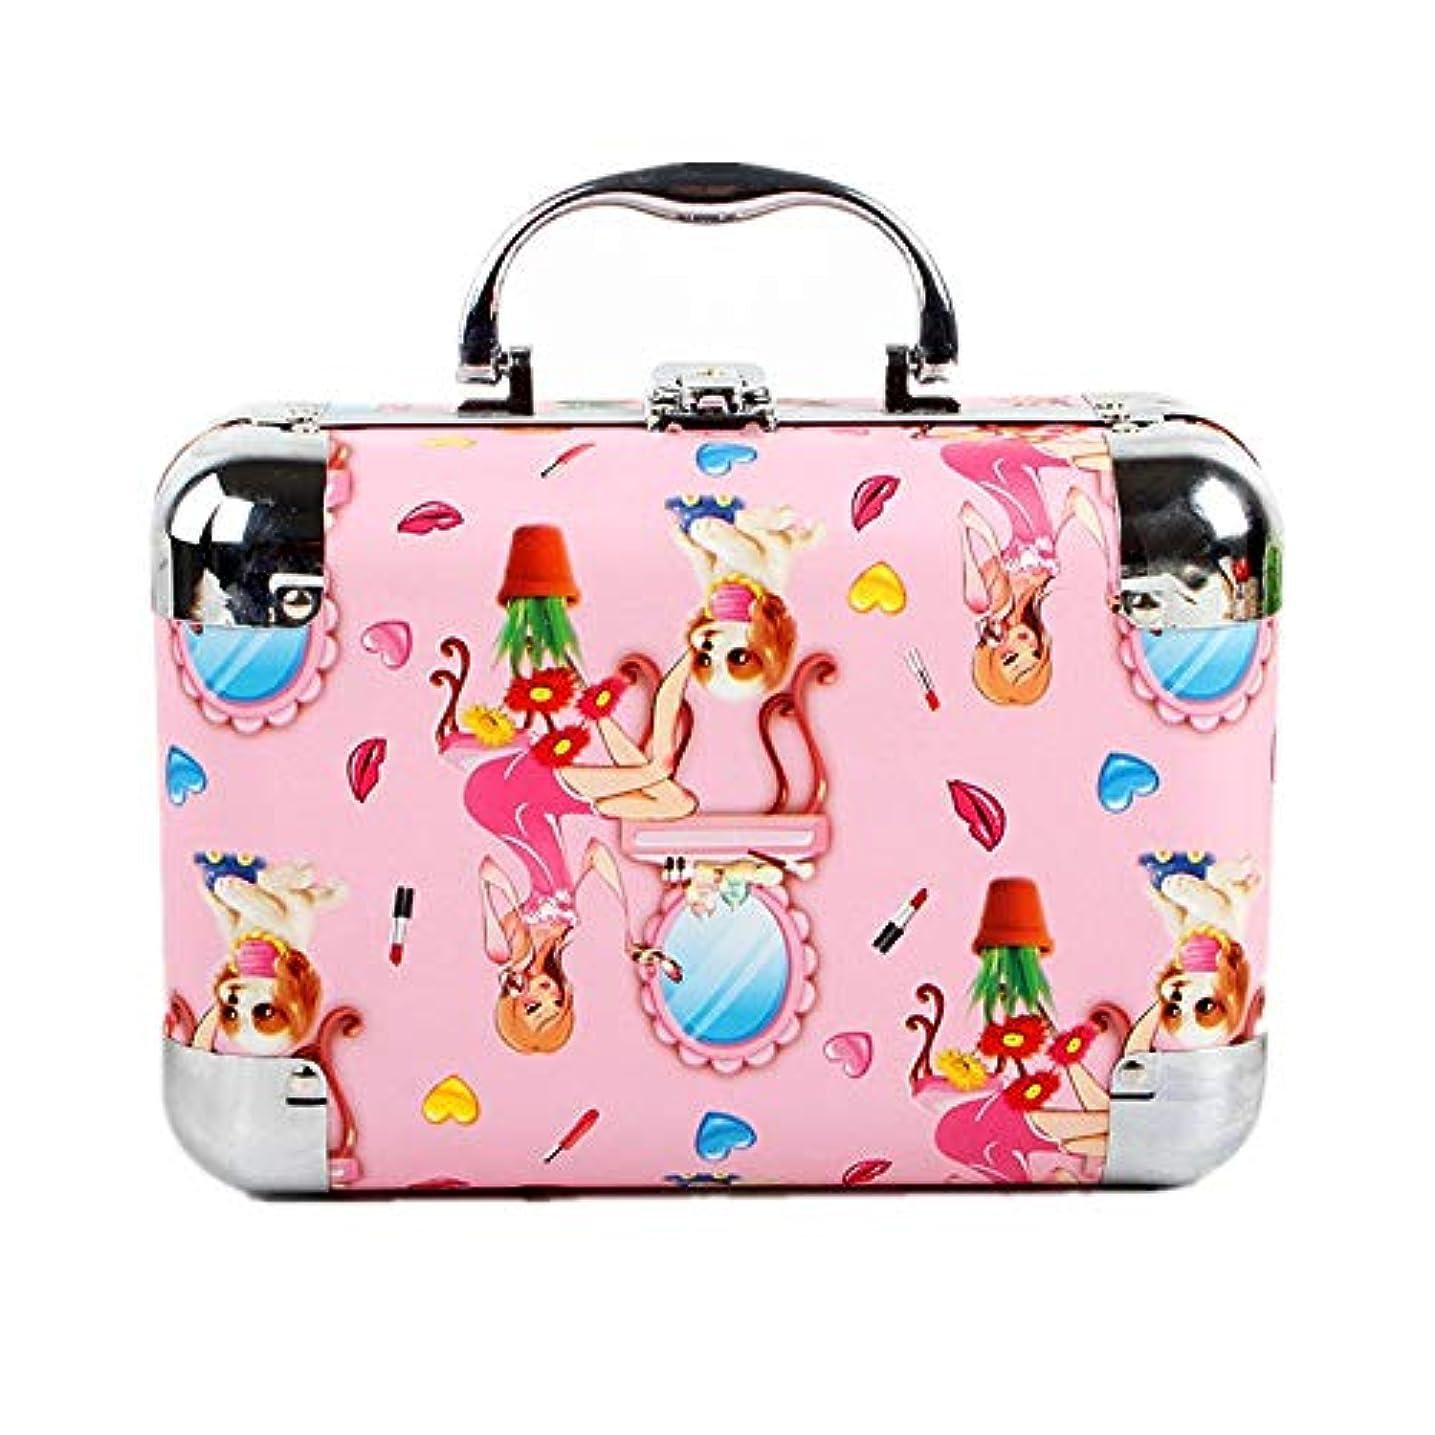 他の日本気効能化粧オーガナイザーバッグ シャイニーパターン美容メイクアップのためのポータブル化粧ケースと女性化粧ミラー用のロック付き女性用トラベル&デイリーストレージ用 化粧品ケース